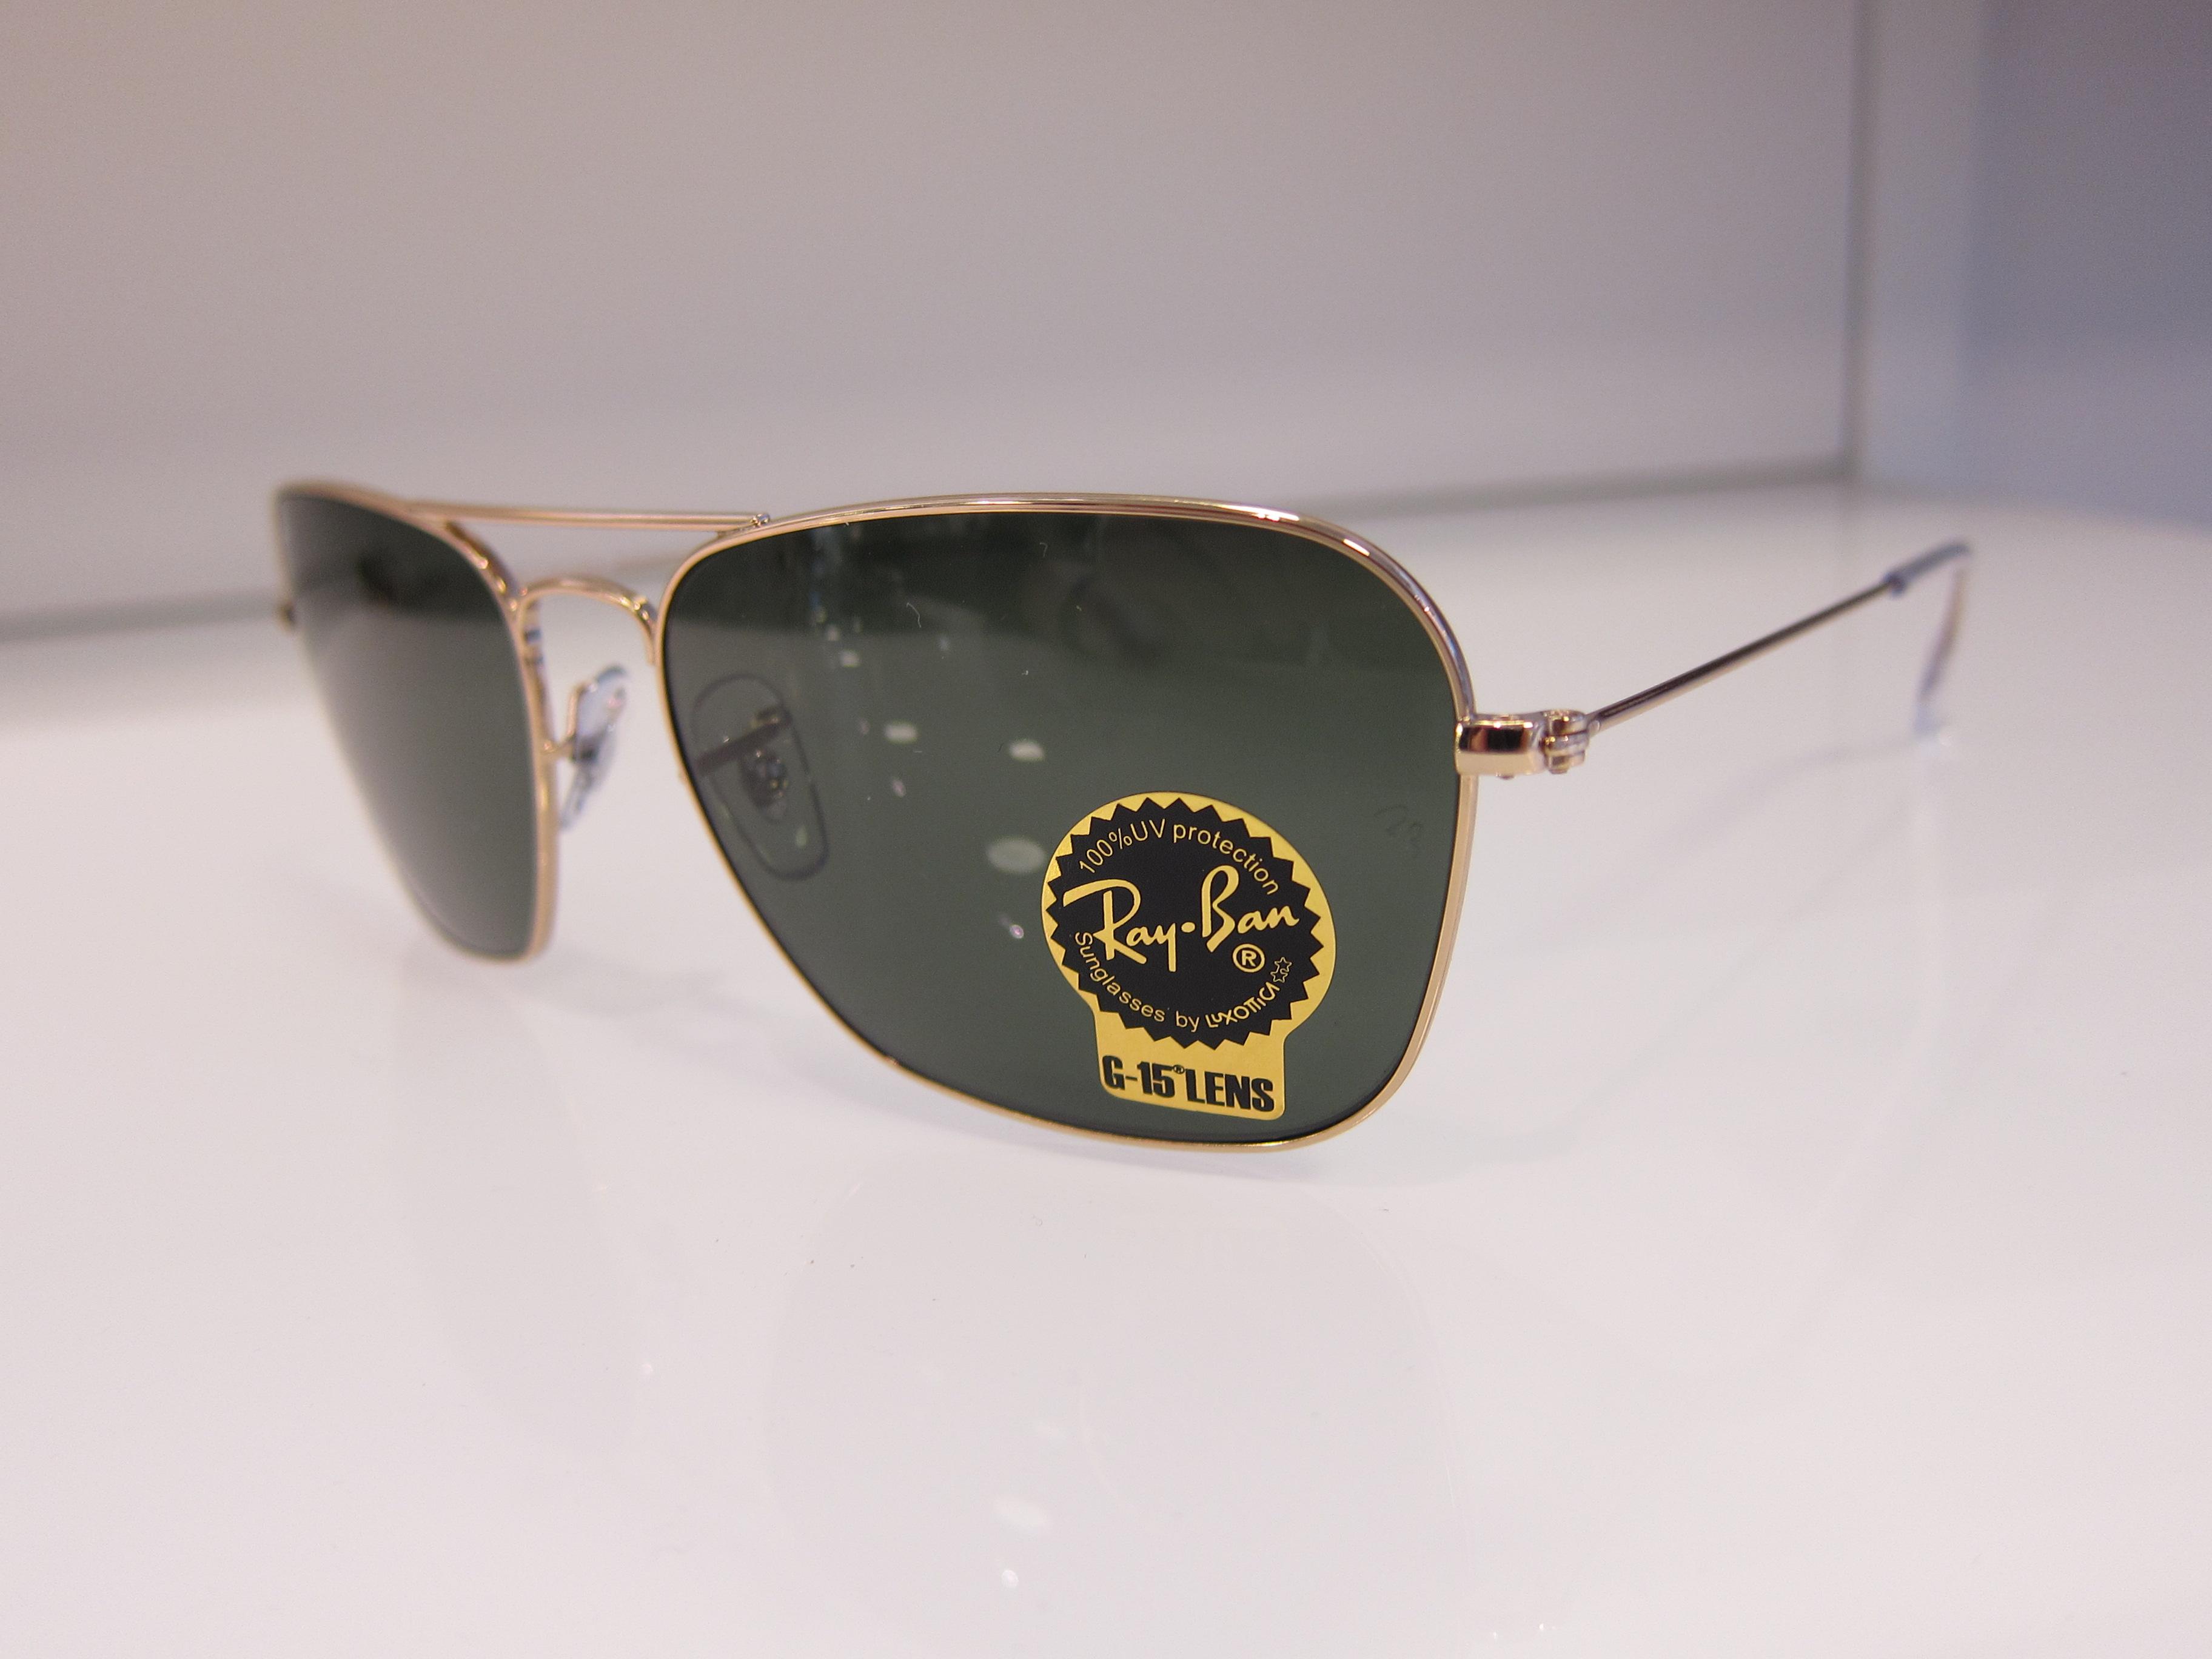 ray ban g15 lens glass  ray ban g 15 lenses